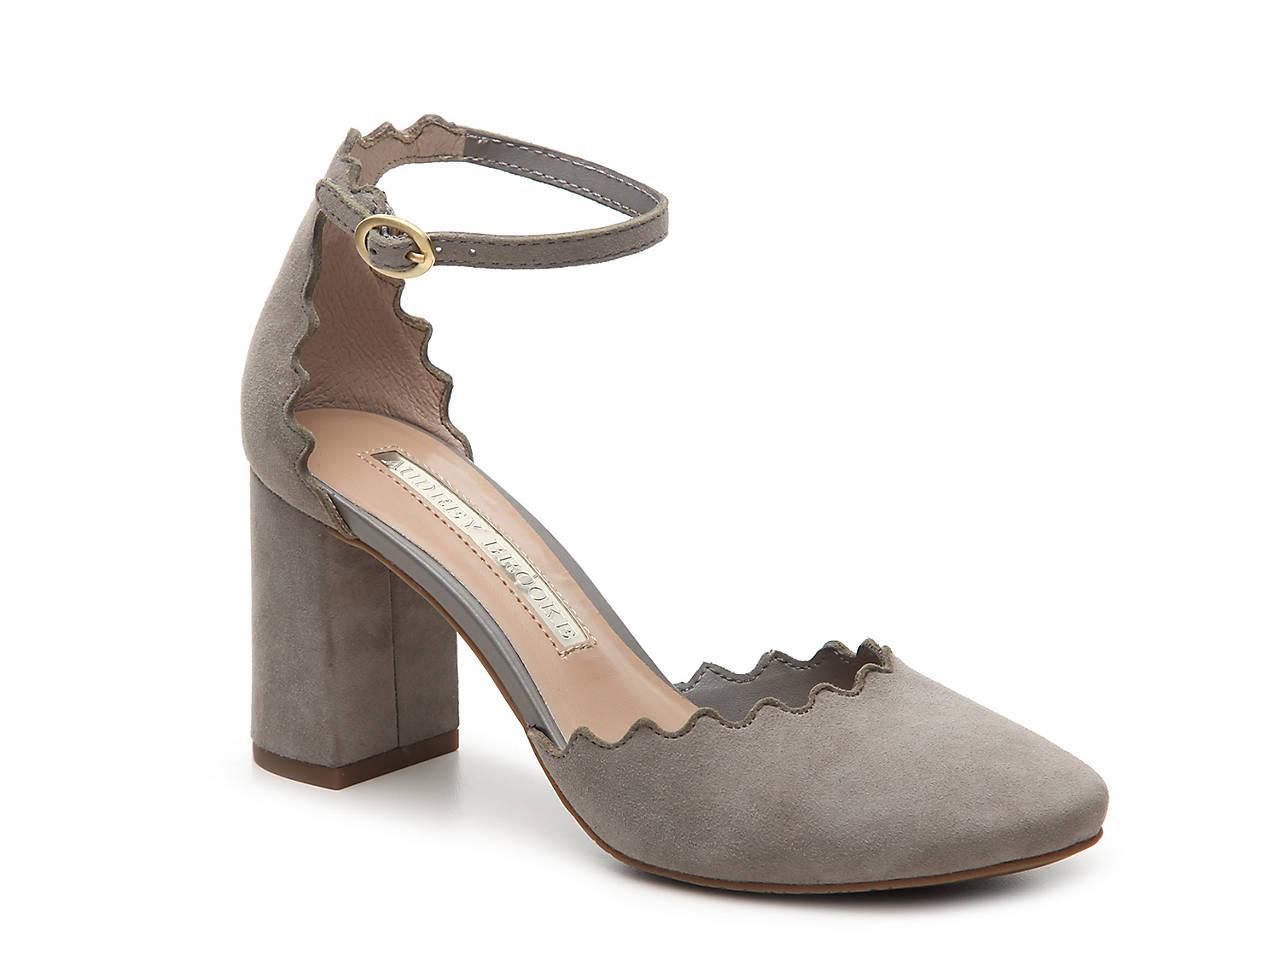 117676a896 Audrey Brooke Delanie Pump Women s Shoes